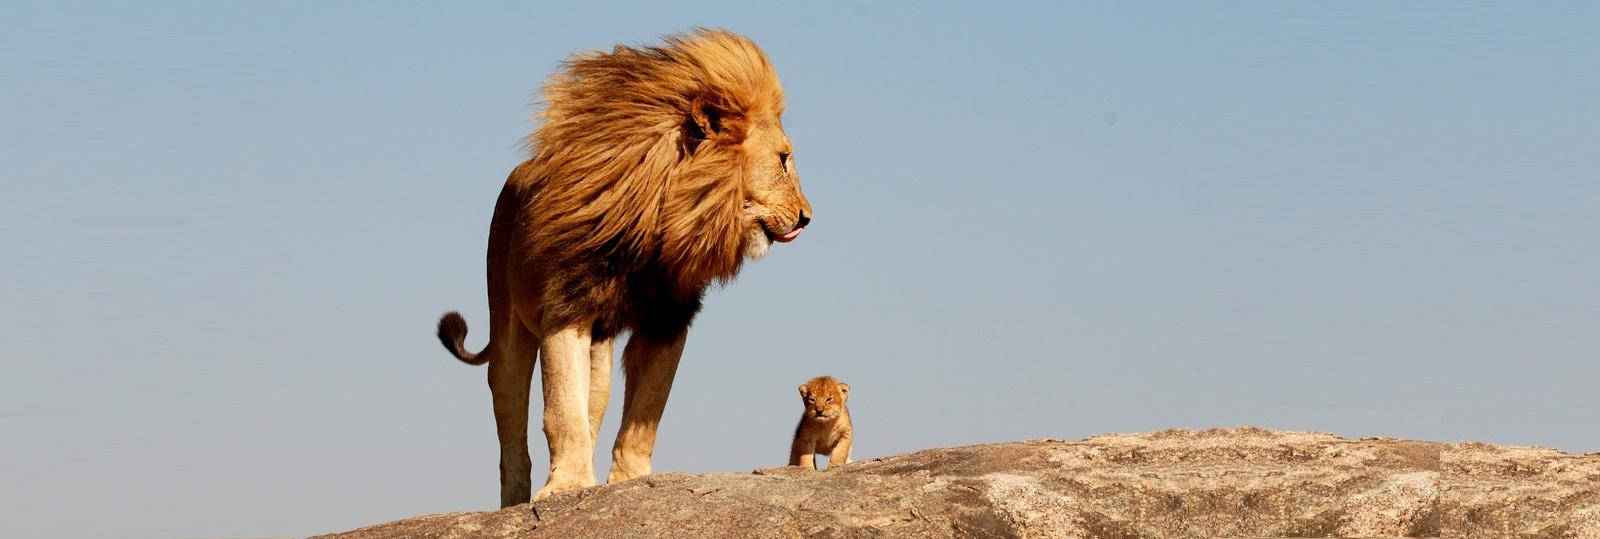 lion-cub3